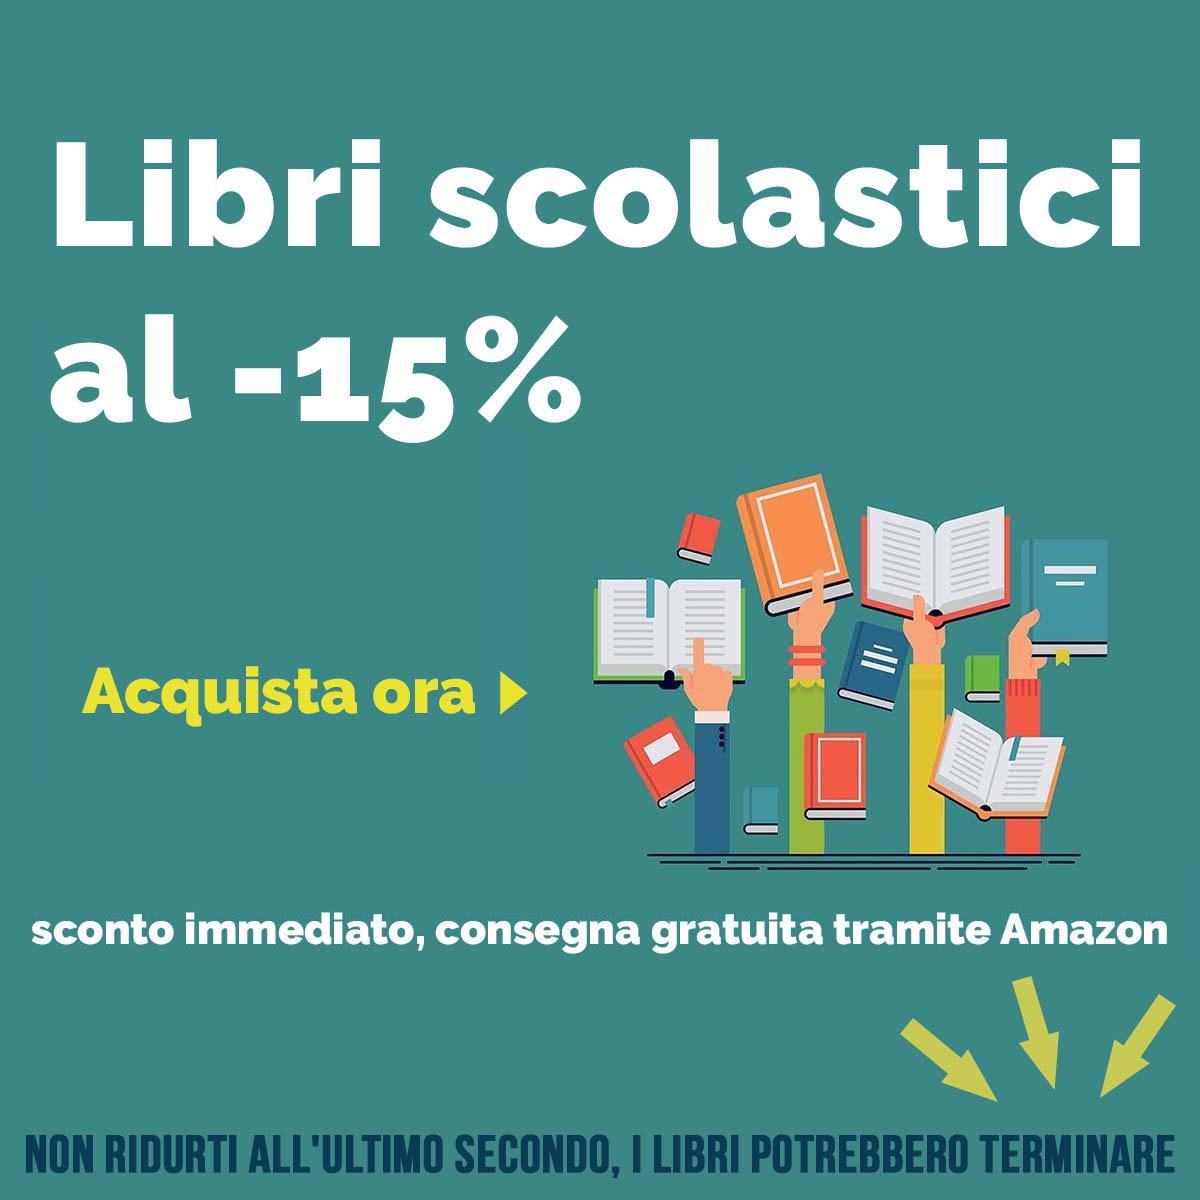 Ebook gratis in italiano 10 siti dove scaricarli gratis e for Siti dove comprare libri